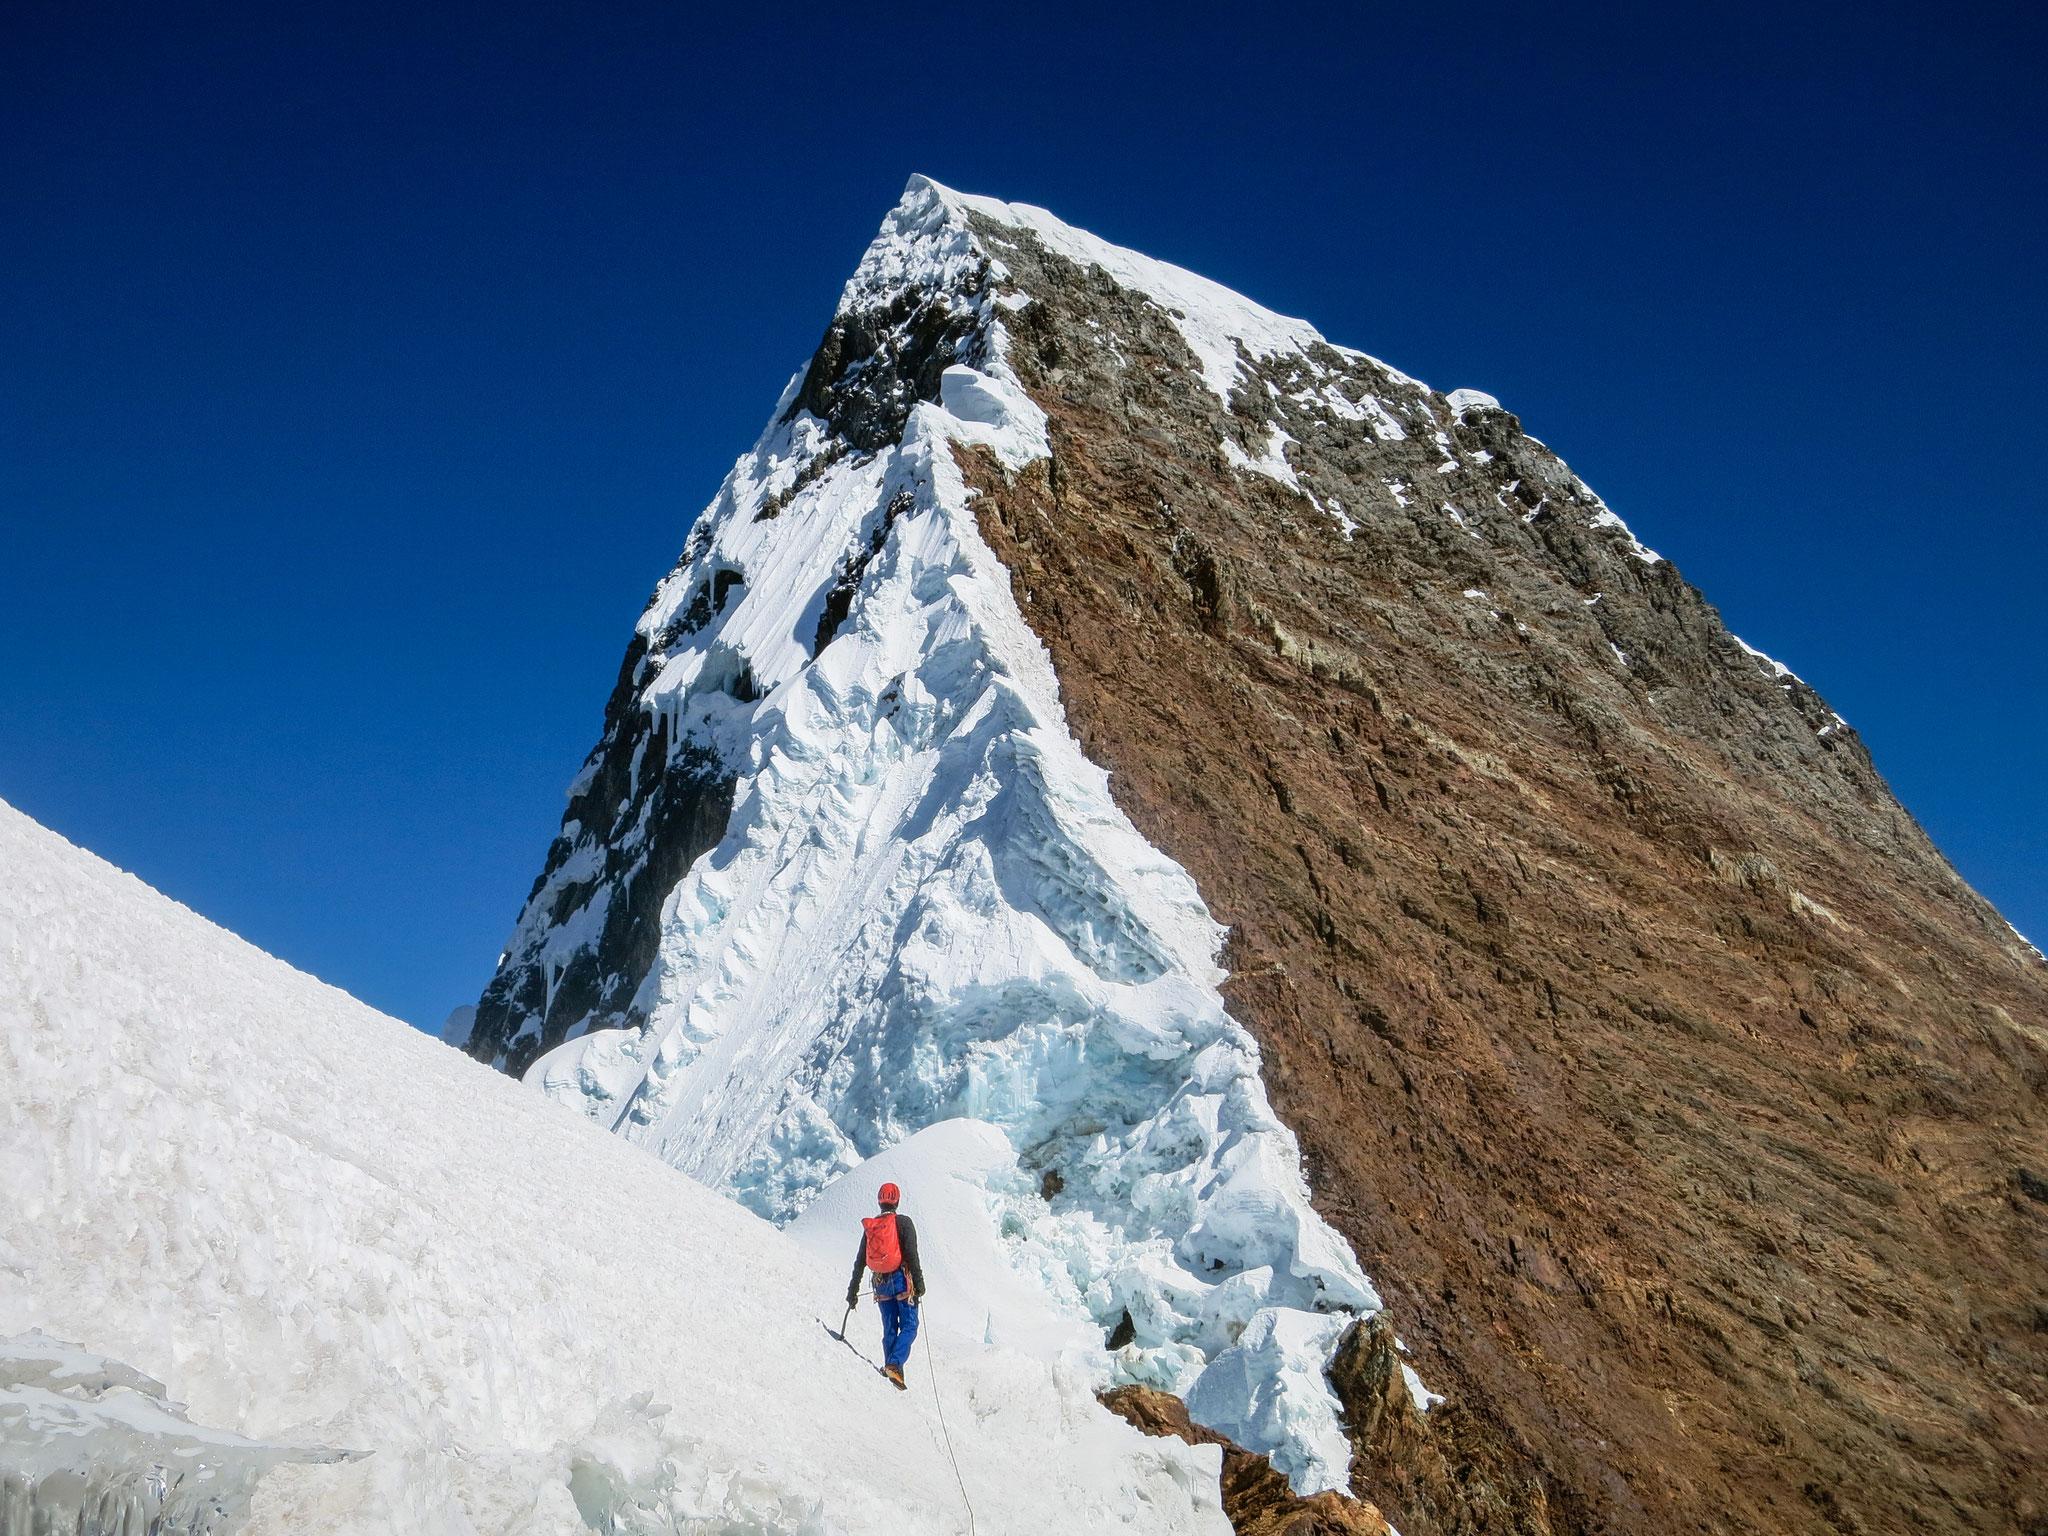 Nev. Rasac SO-Grat - Cordillera Huayhuash, Peru.